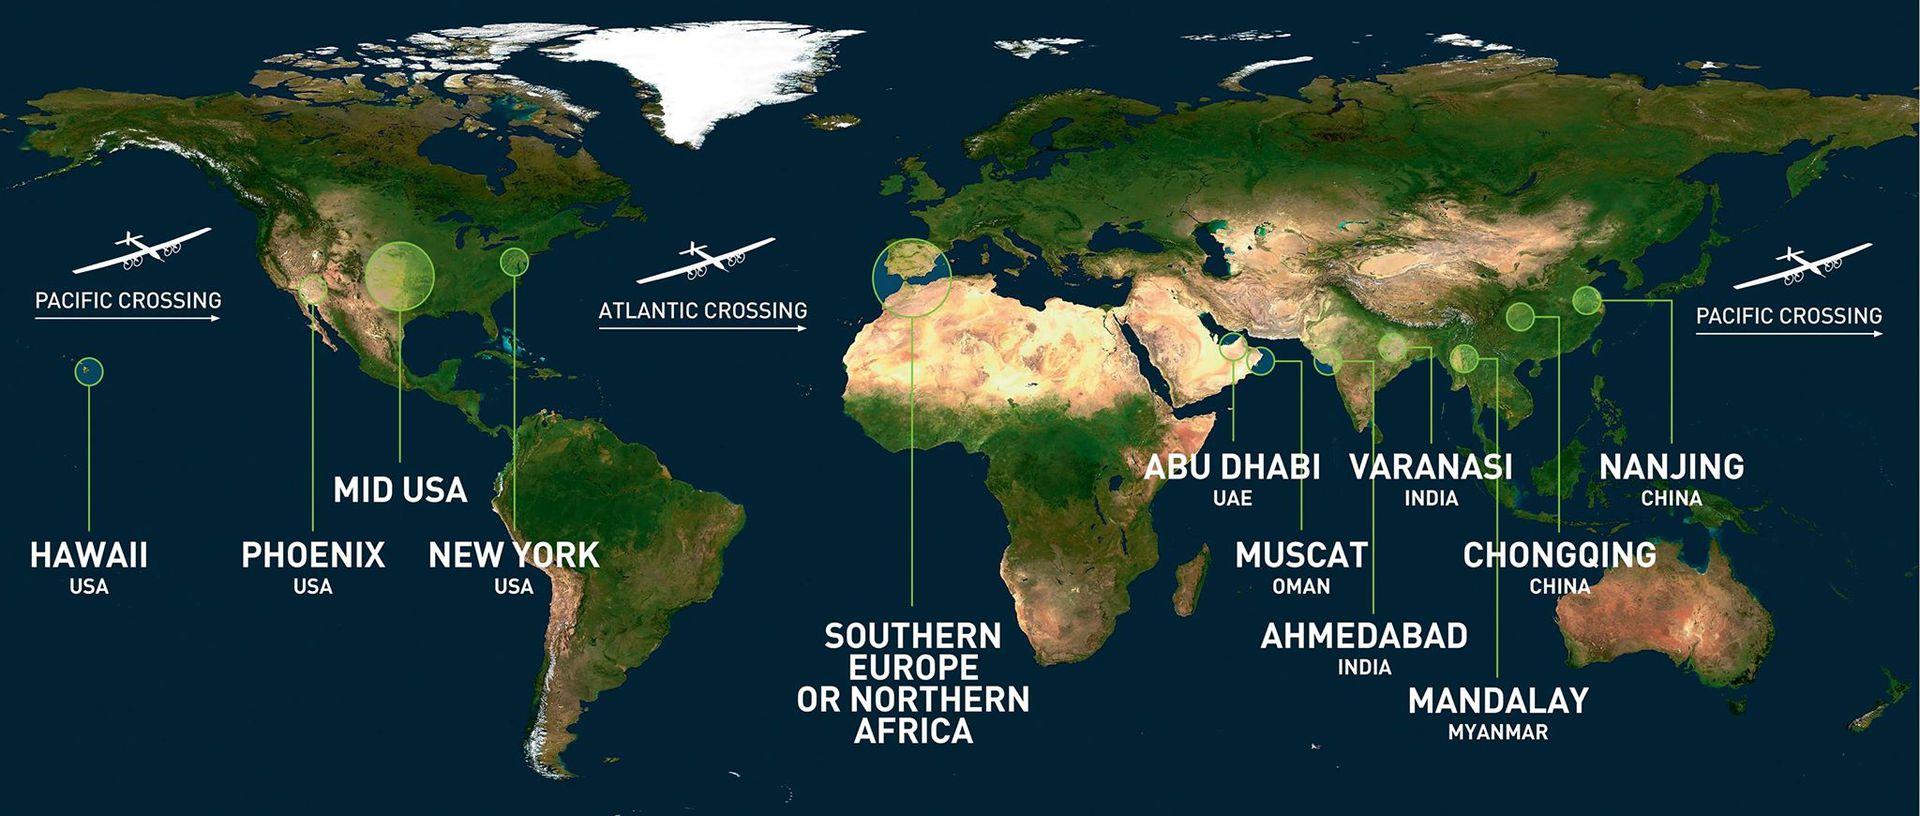 Команда Solar Impulse опубликовала маршрут кругосветного путешествия - 1